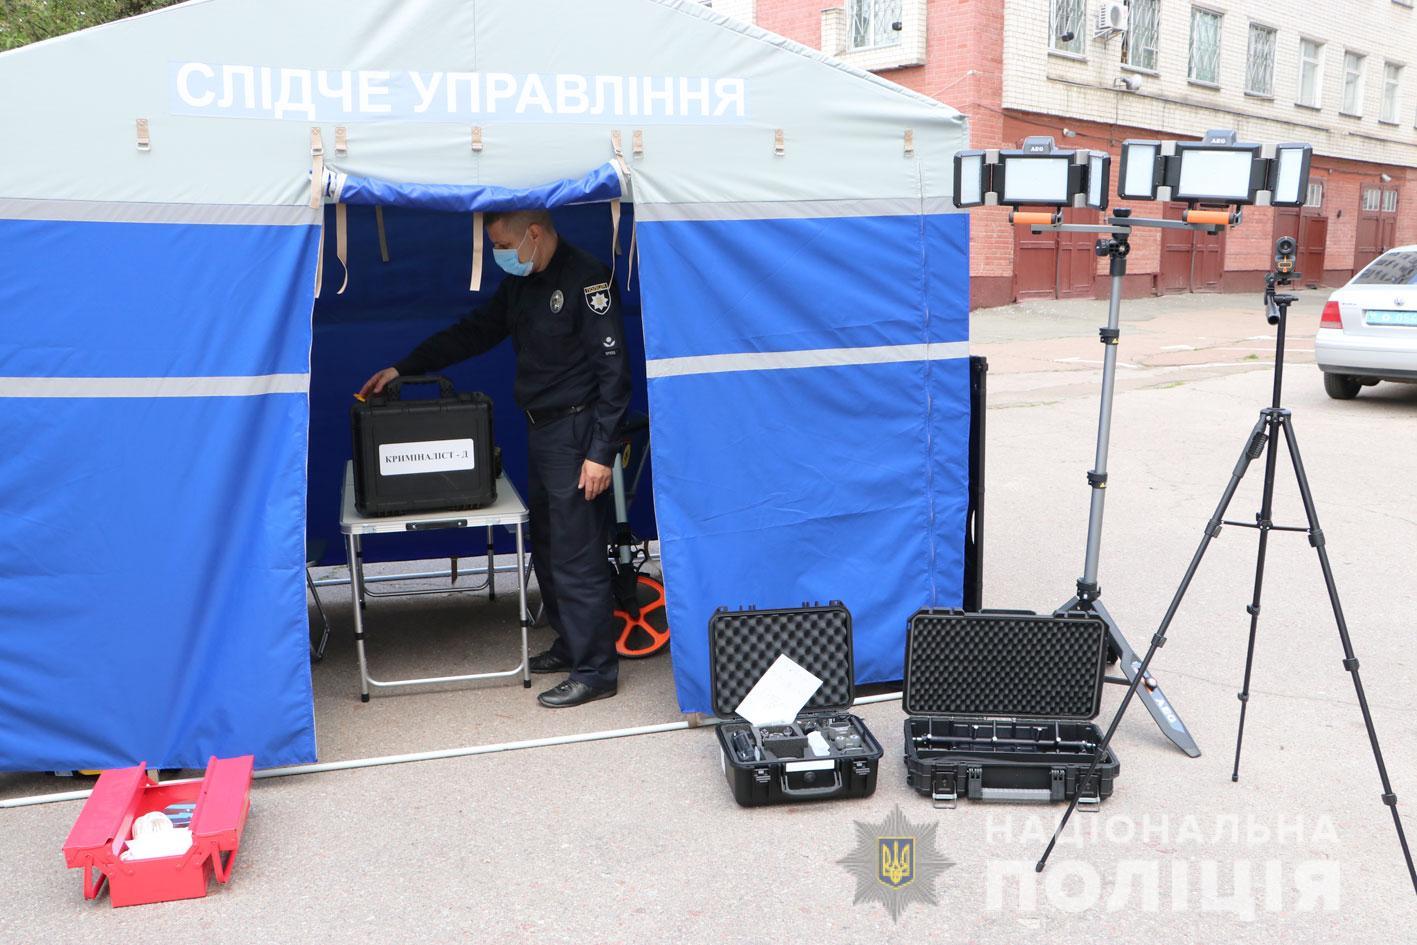 Поліція Чернігівщини отримала пересувну сучасну криміналістичну лабораторію (Фото)